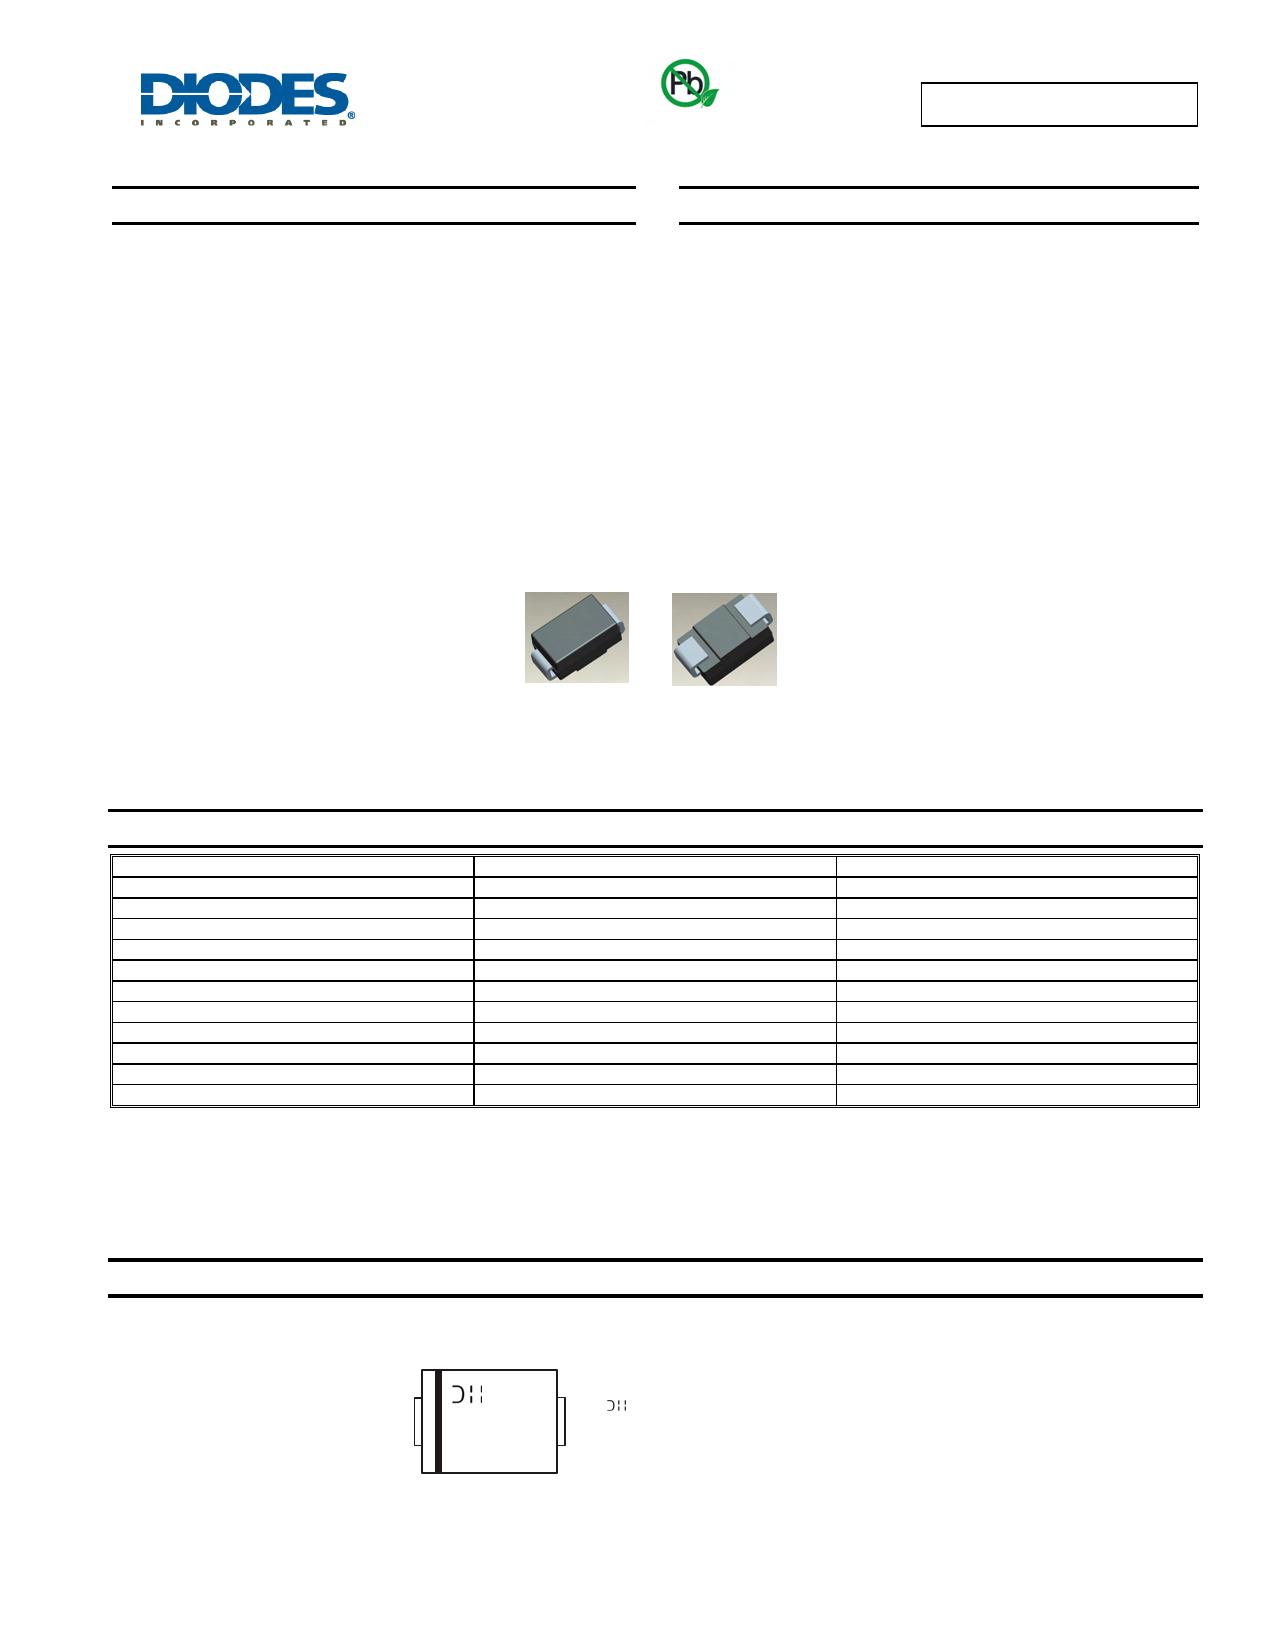 TB0900M datasheet pinout pdf